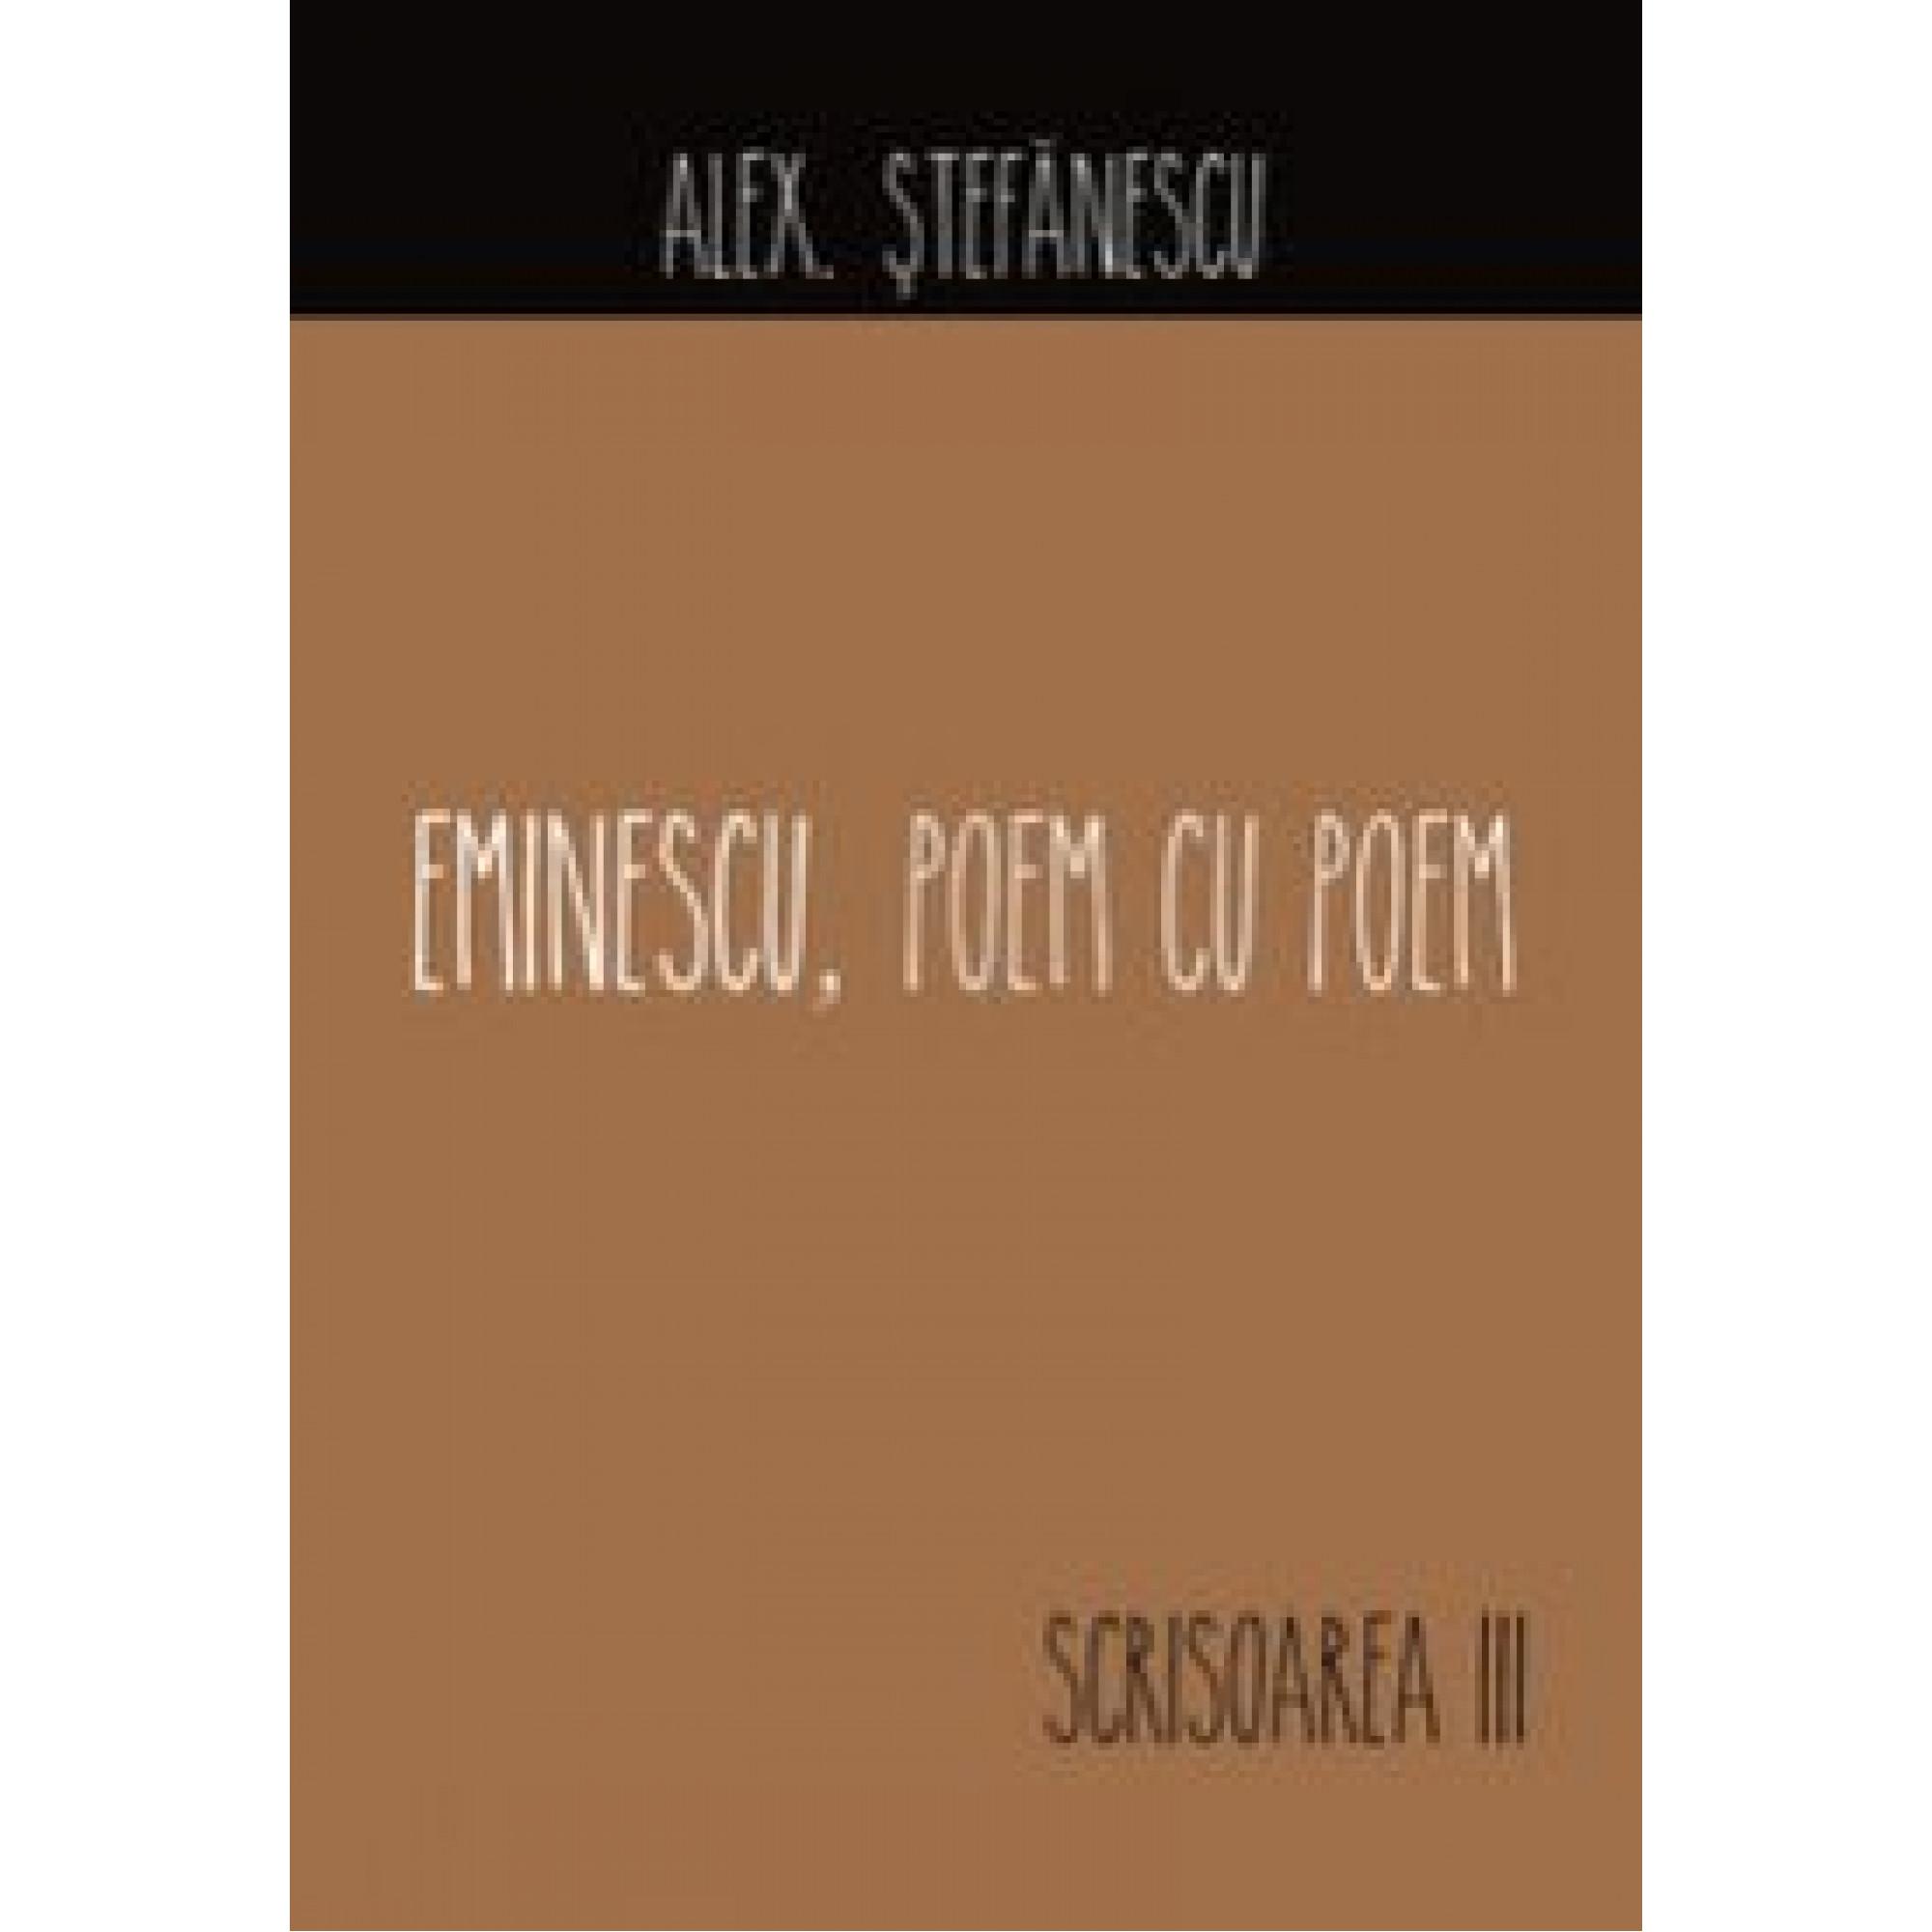 Eminescu, poem cu poem. Scrisoarea a III-a; Alex. Ștefănescu